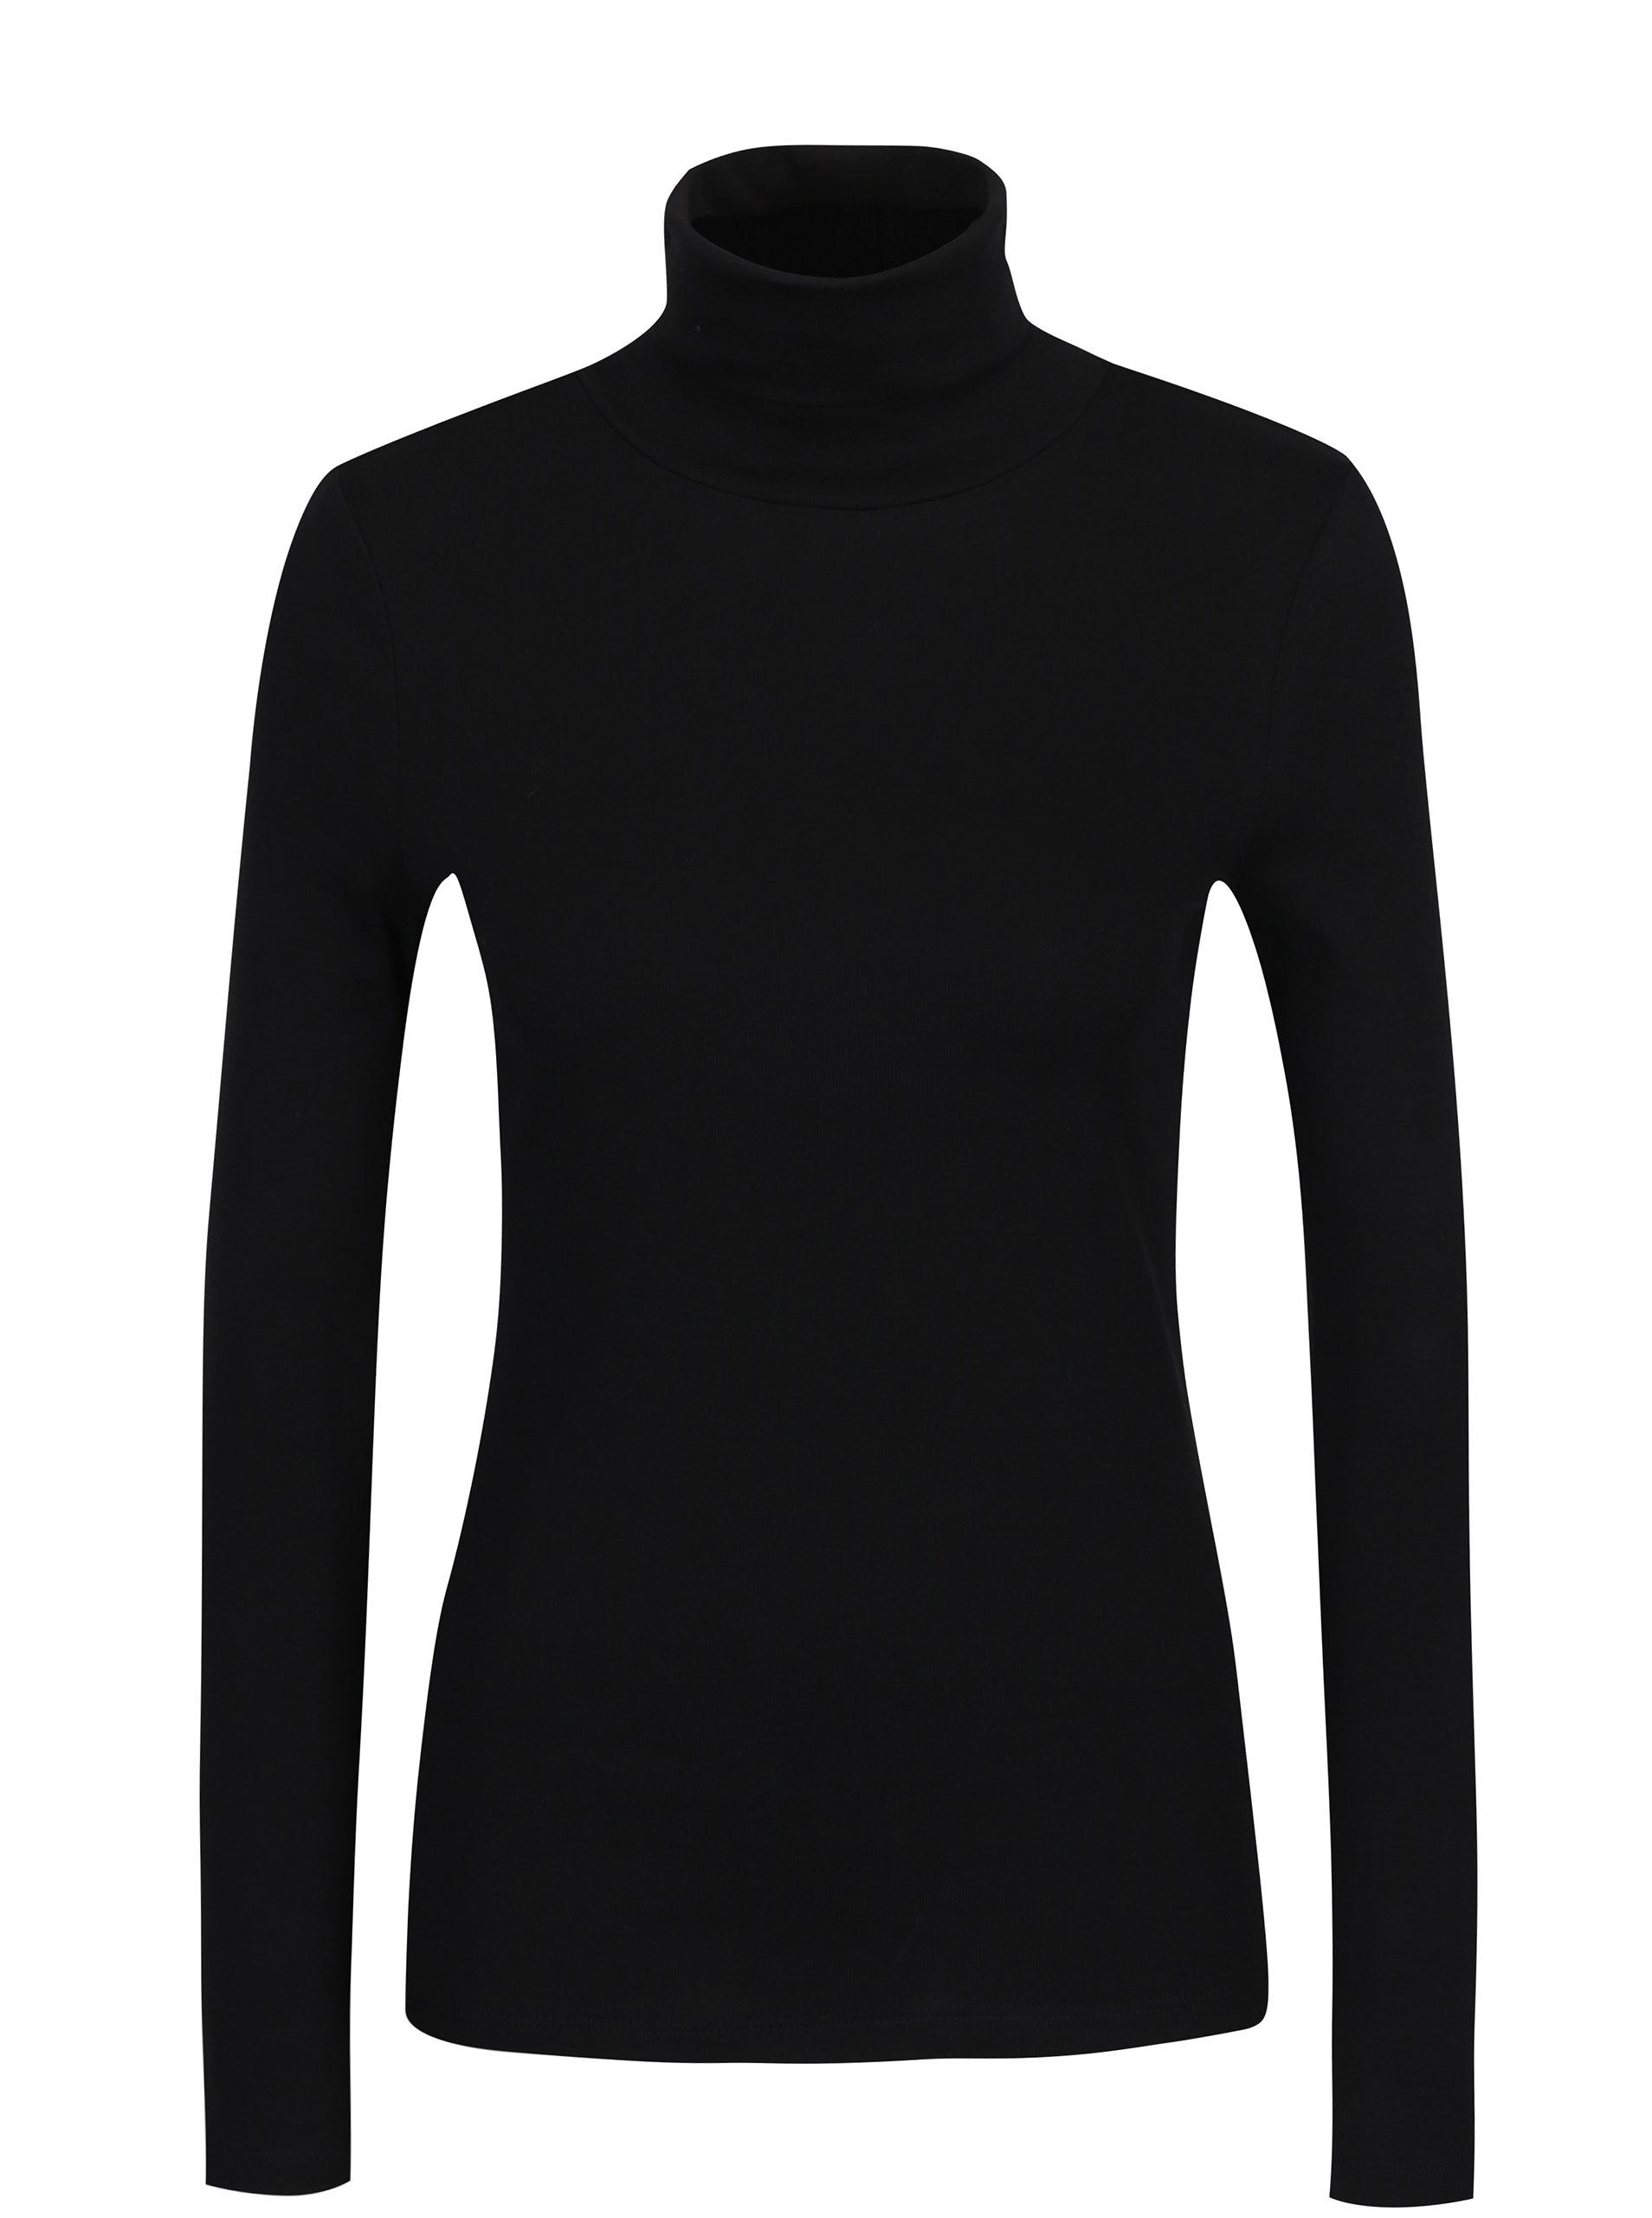 caae25ae7484 Černé dámské tričko s rolákem a dlouhým rukávem s.Oliver